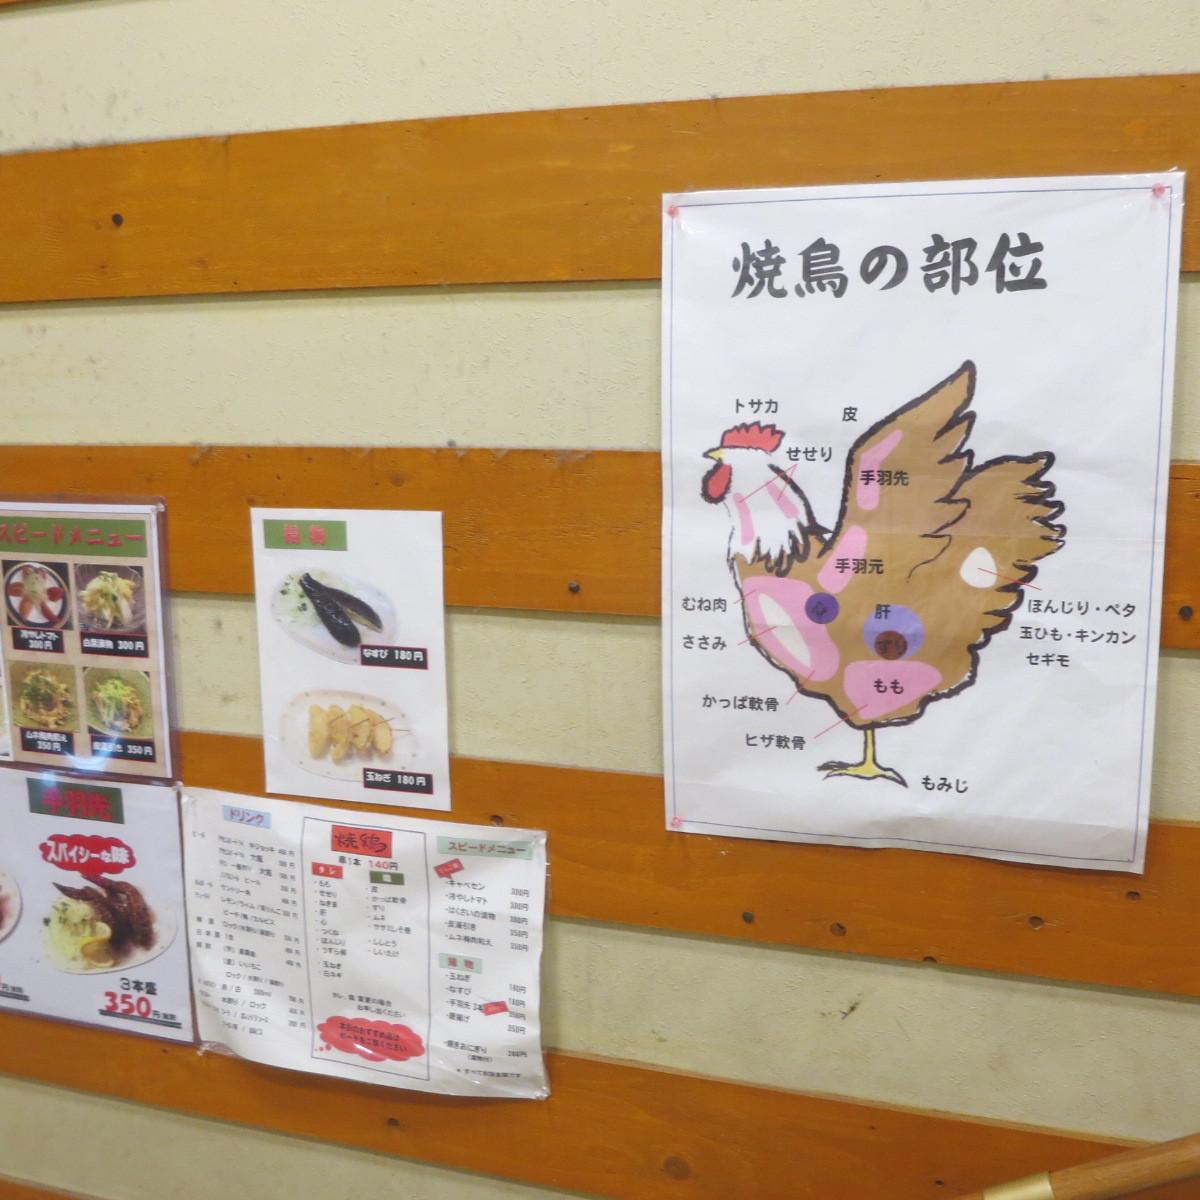 神戸商店街紀行の途中ですが_c0001670_21014323.jpg